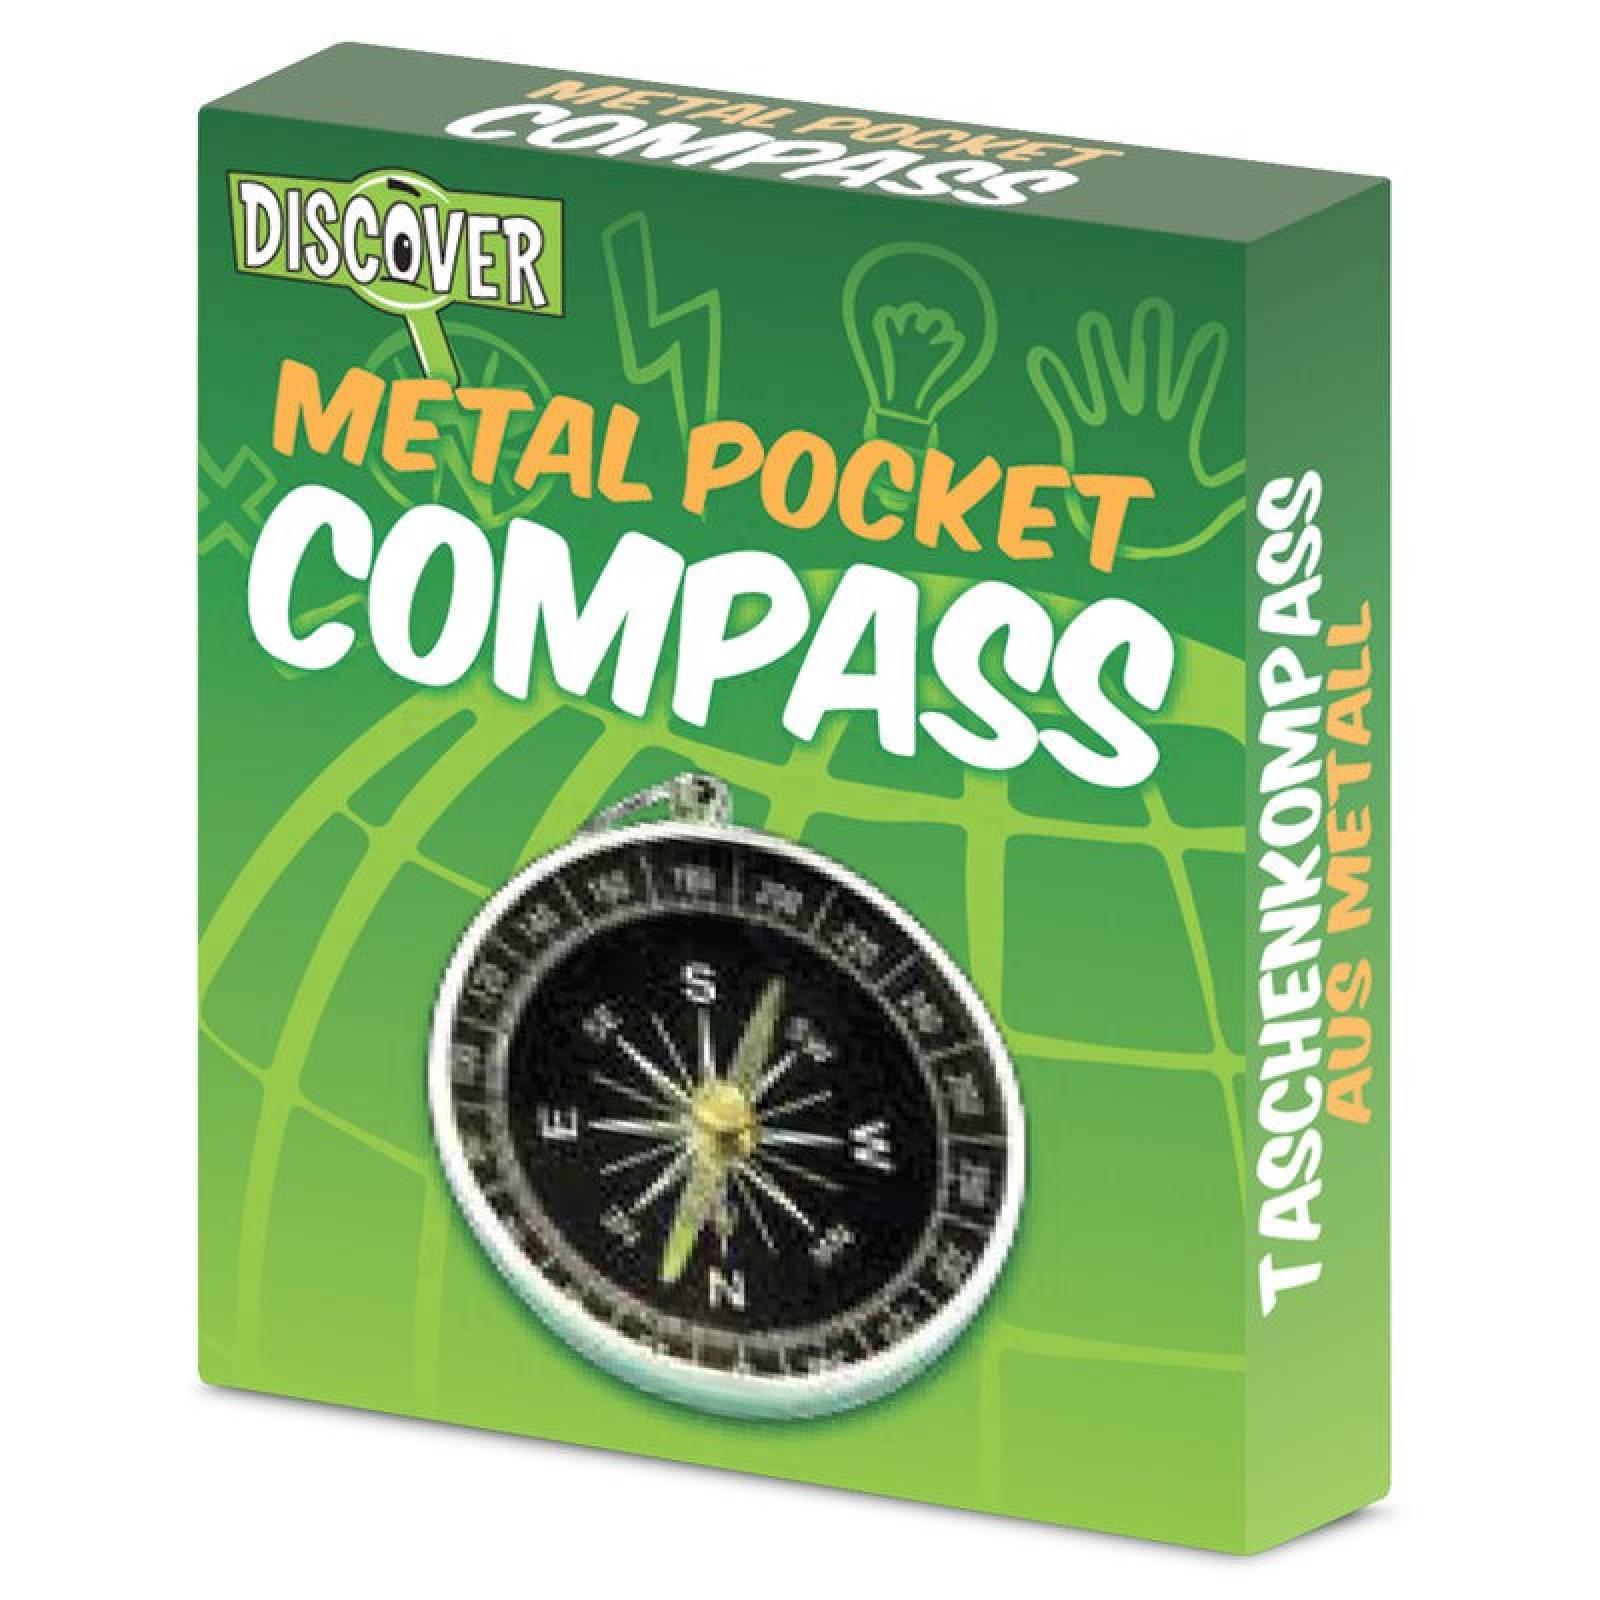 Metal Pocket Compass thumbnails